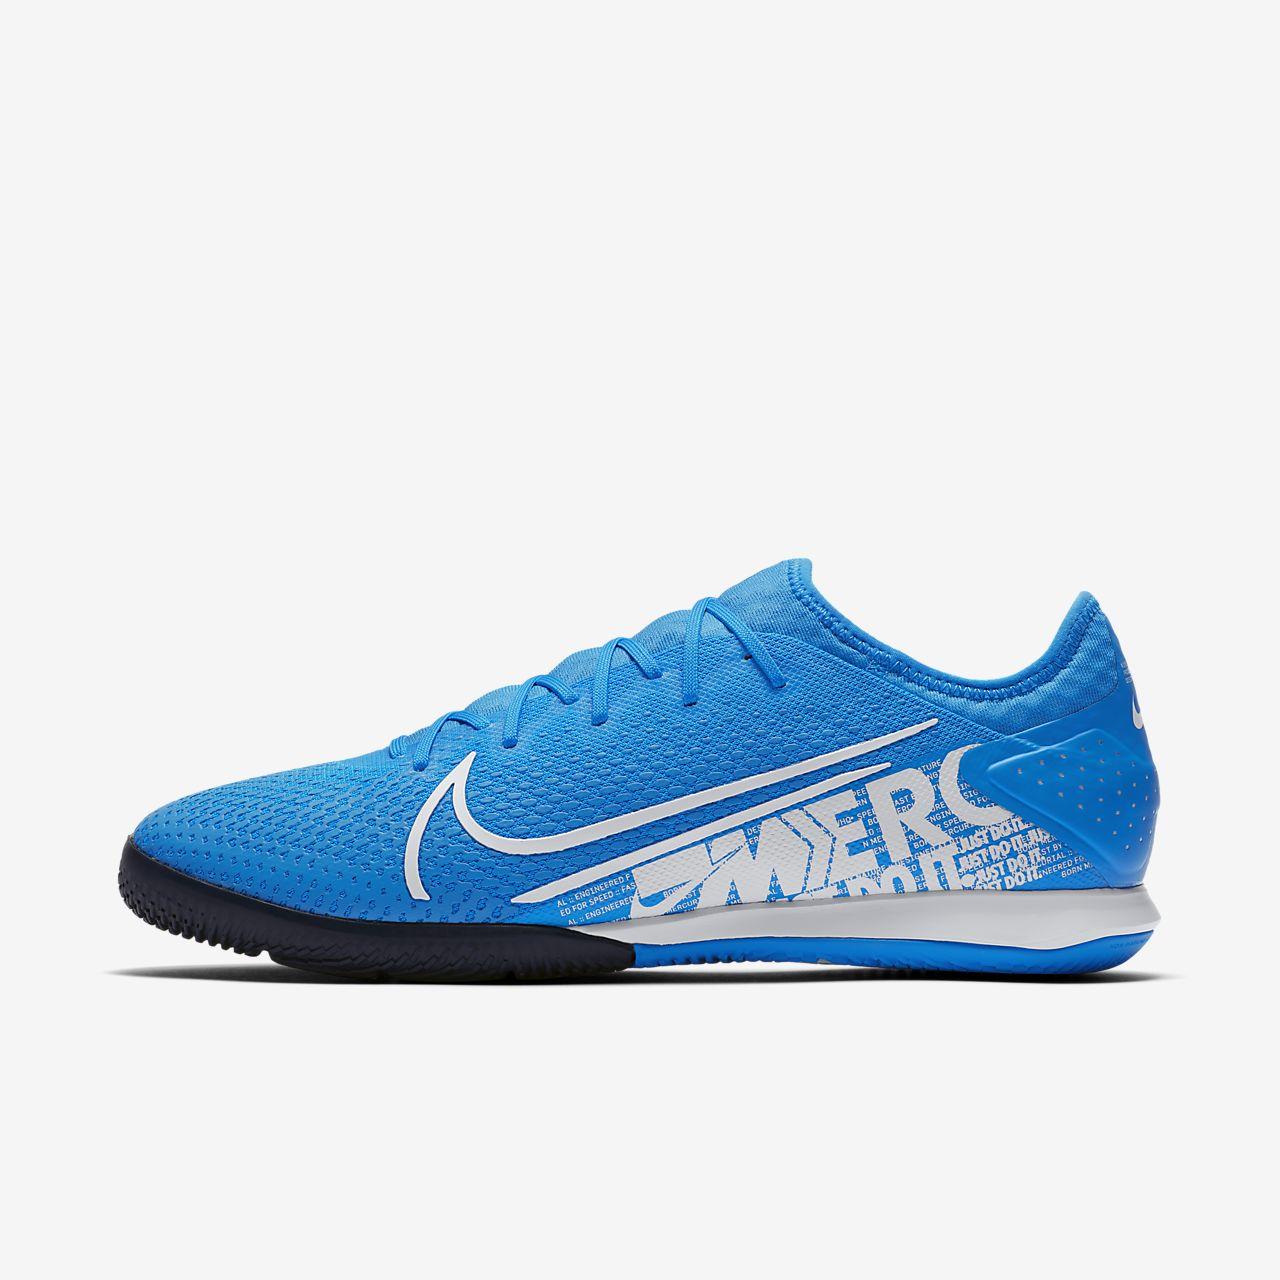 Nike Mercurial Vapor 13 Pro IC Fußballschuh für Hallen- und Hartplätze